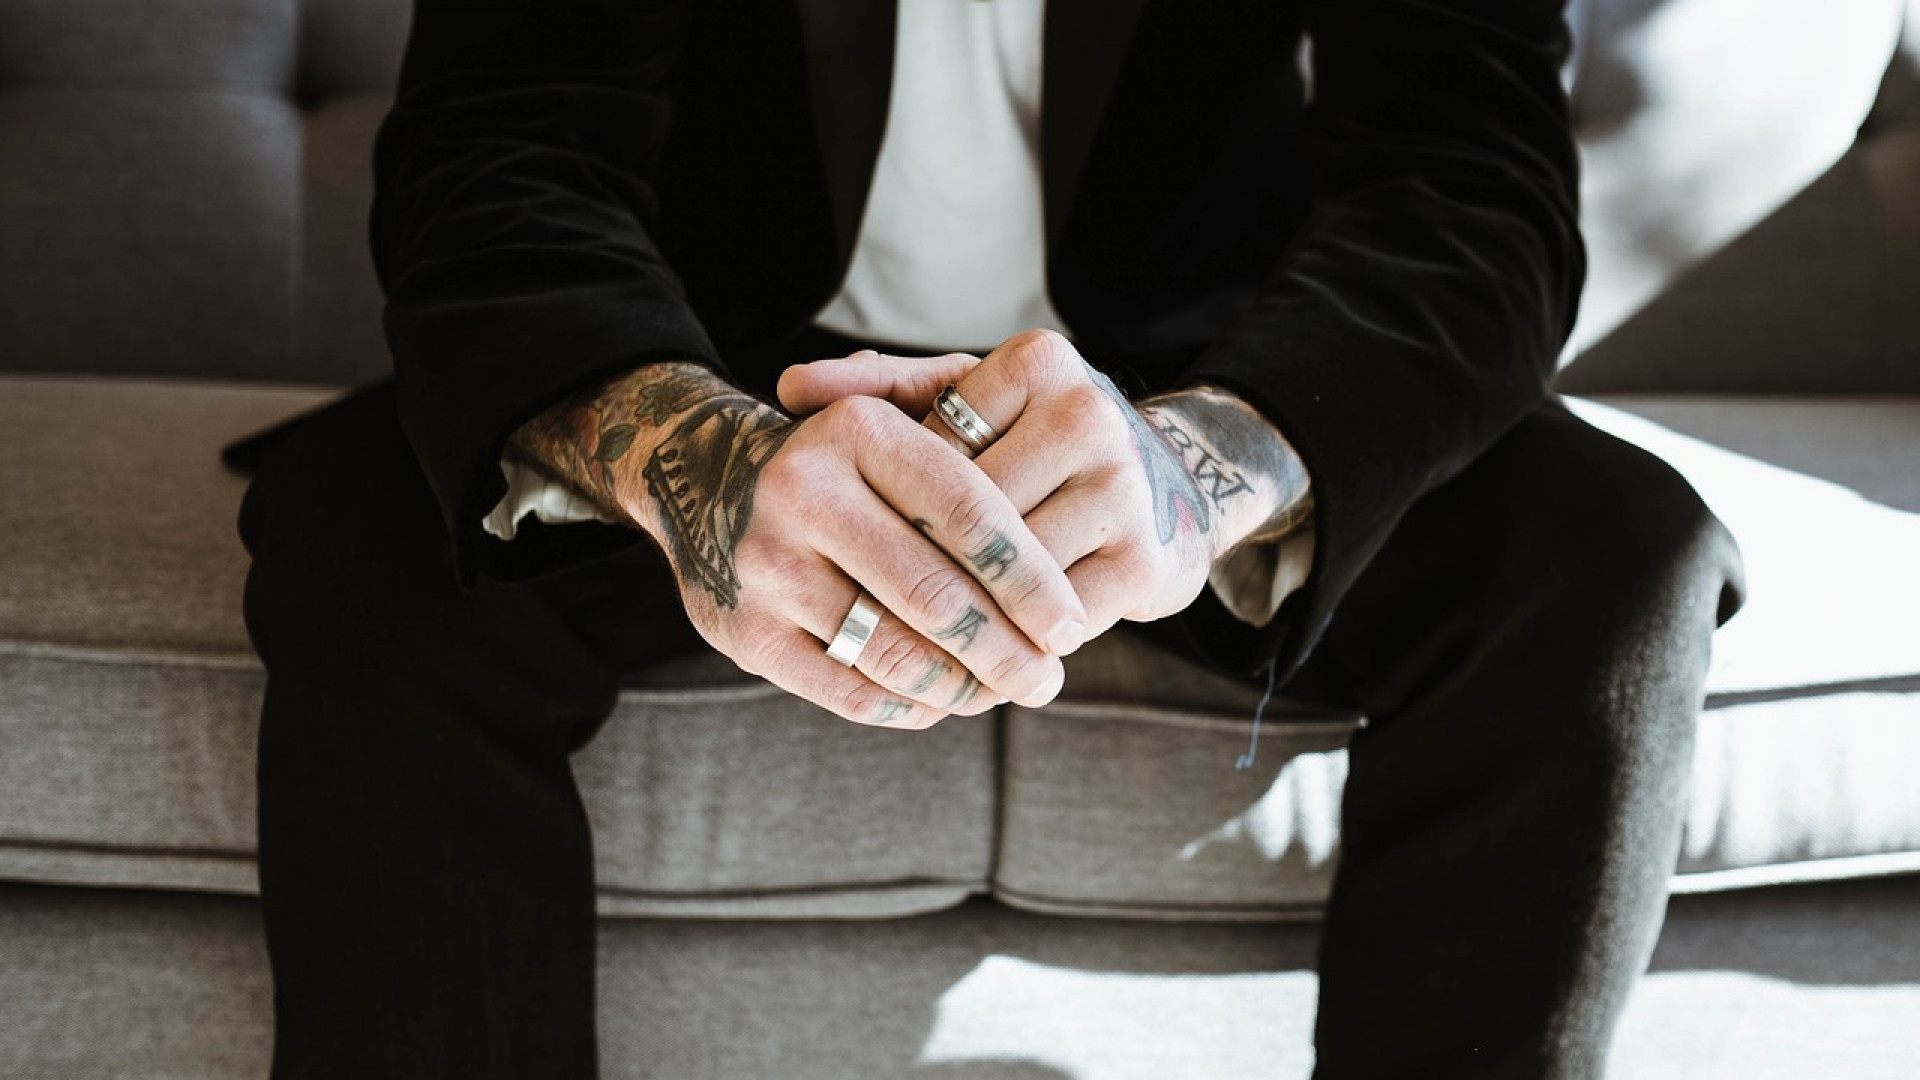 Αποκάλυψε τον Εαυτό σου: Πως να κάνεις κουβέντα με Ροή και Ενδιαφέρον